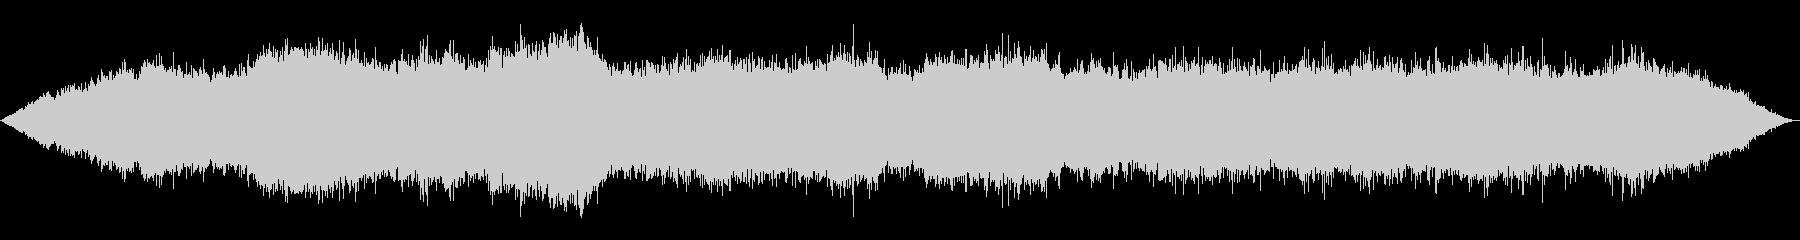 シーオーシャンストーム3-ヘビーウ...の未再生の波形